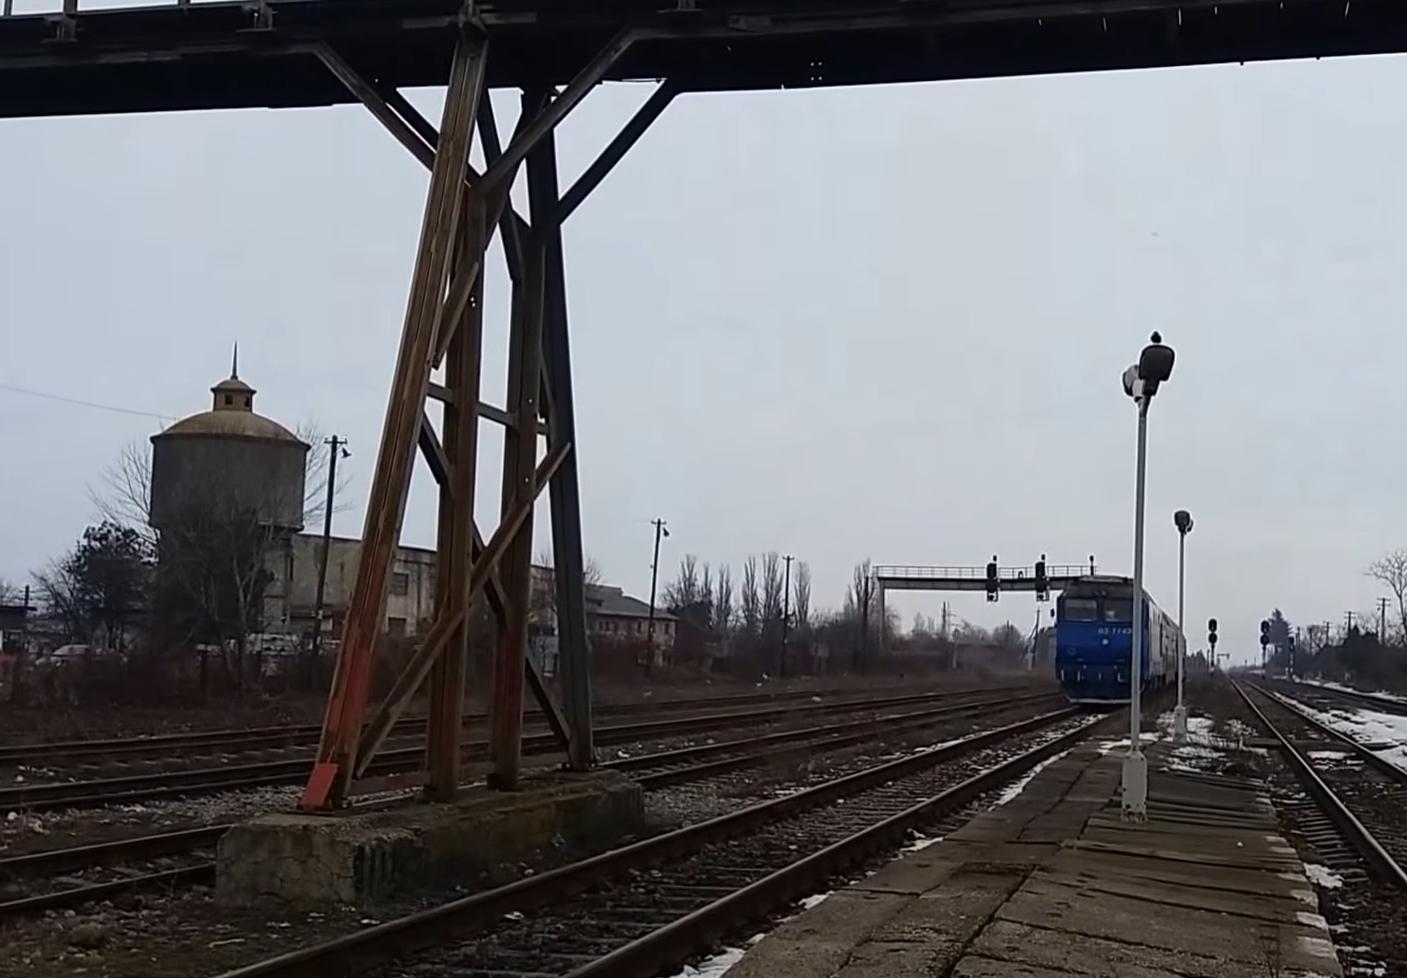 TRAGEDIE LÂNGĂ GARA DIN TITU! BĂRBAT DECAPITAT DE TREN